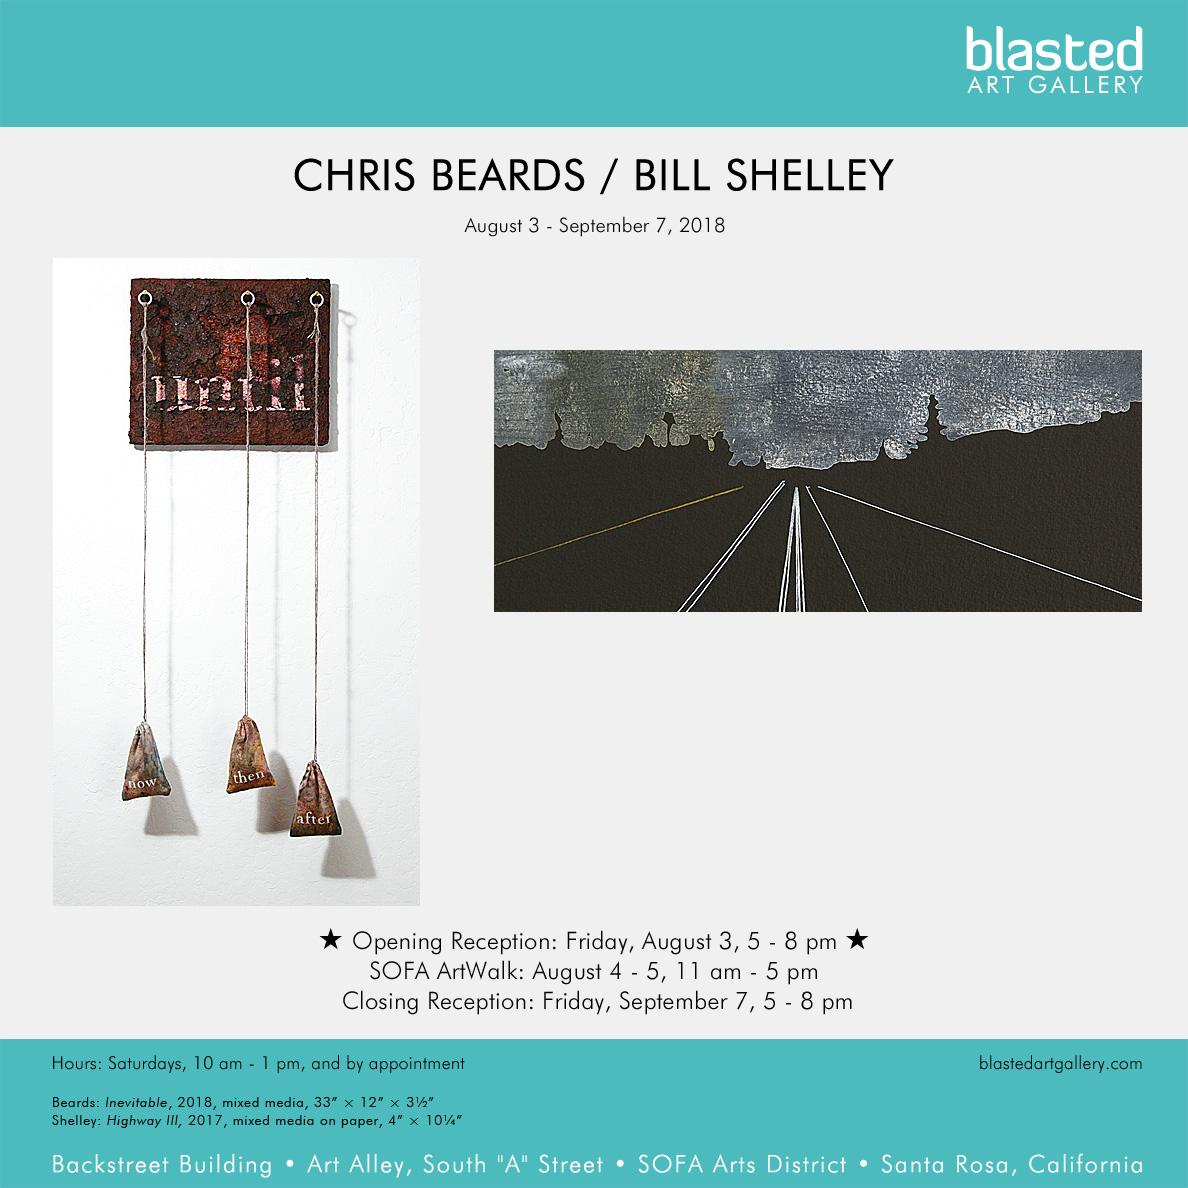 blasted-art-gallery_chris-beards_bill-shelley_OPENING-RECEPTION.jpg